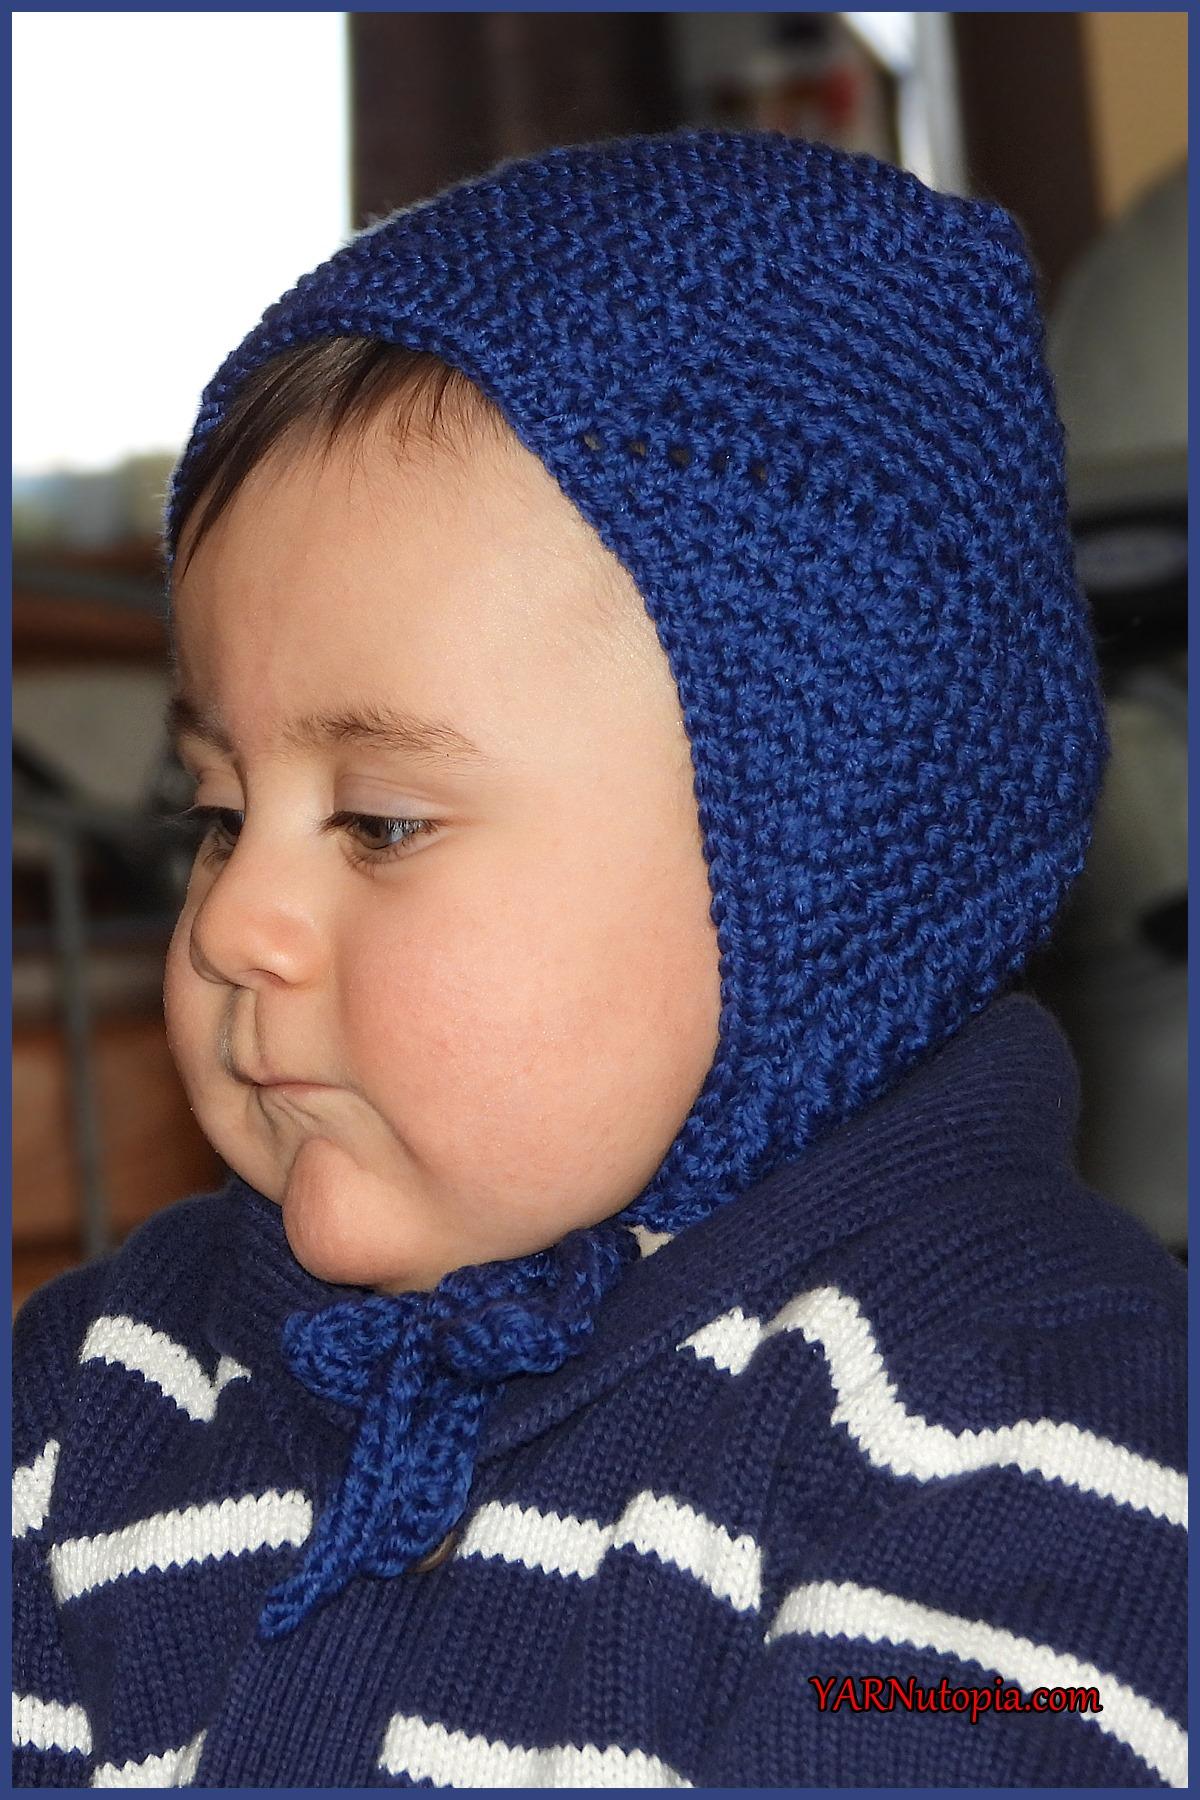 IndigoCat Crochet | Amigurumi To Go: Wee Bear Frog and Bunny | 1800x1200